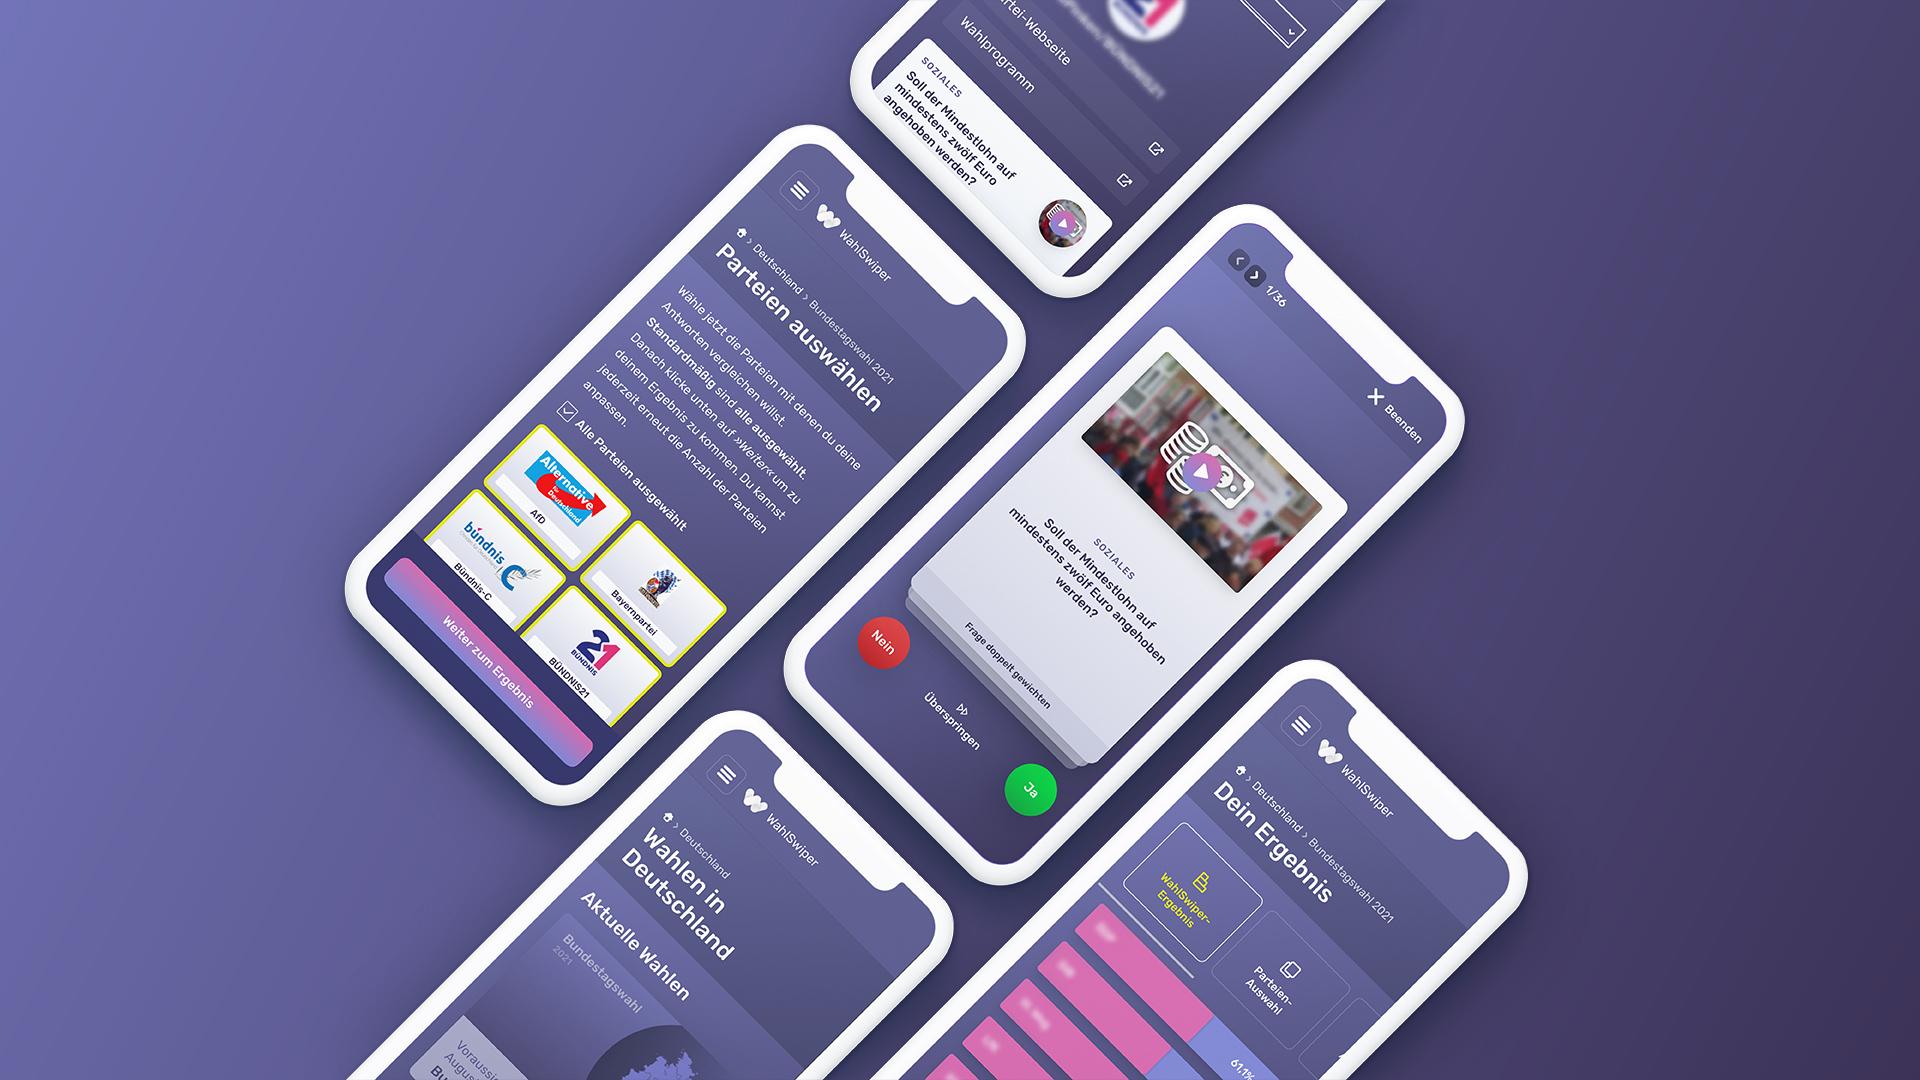 Auf mehreren Handy-Bildschirmen ist der WahlSwiper zu sehen, ein digitales Tool zur Bundestagswahl 2021.